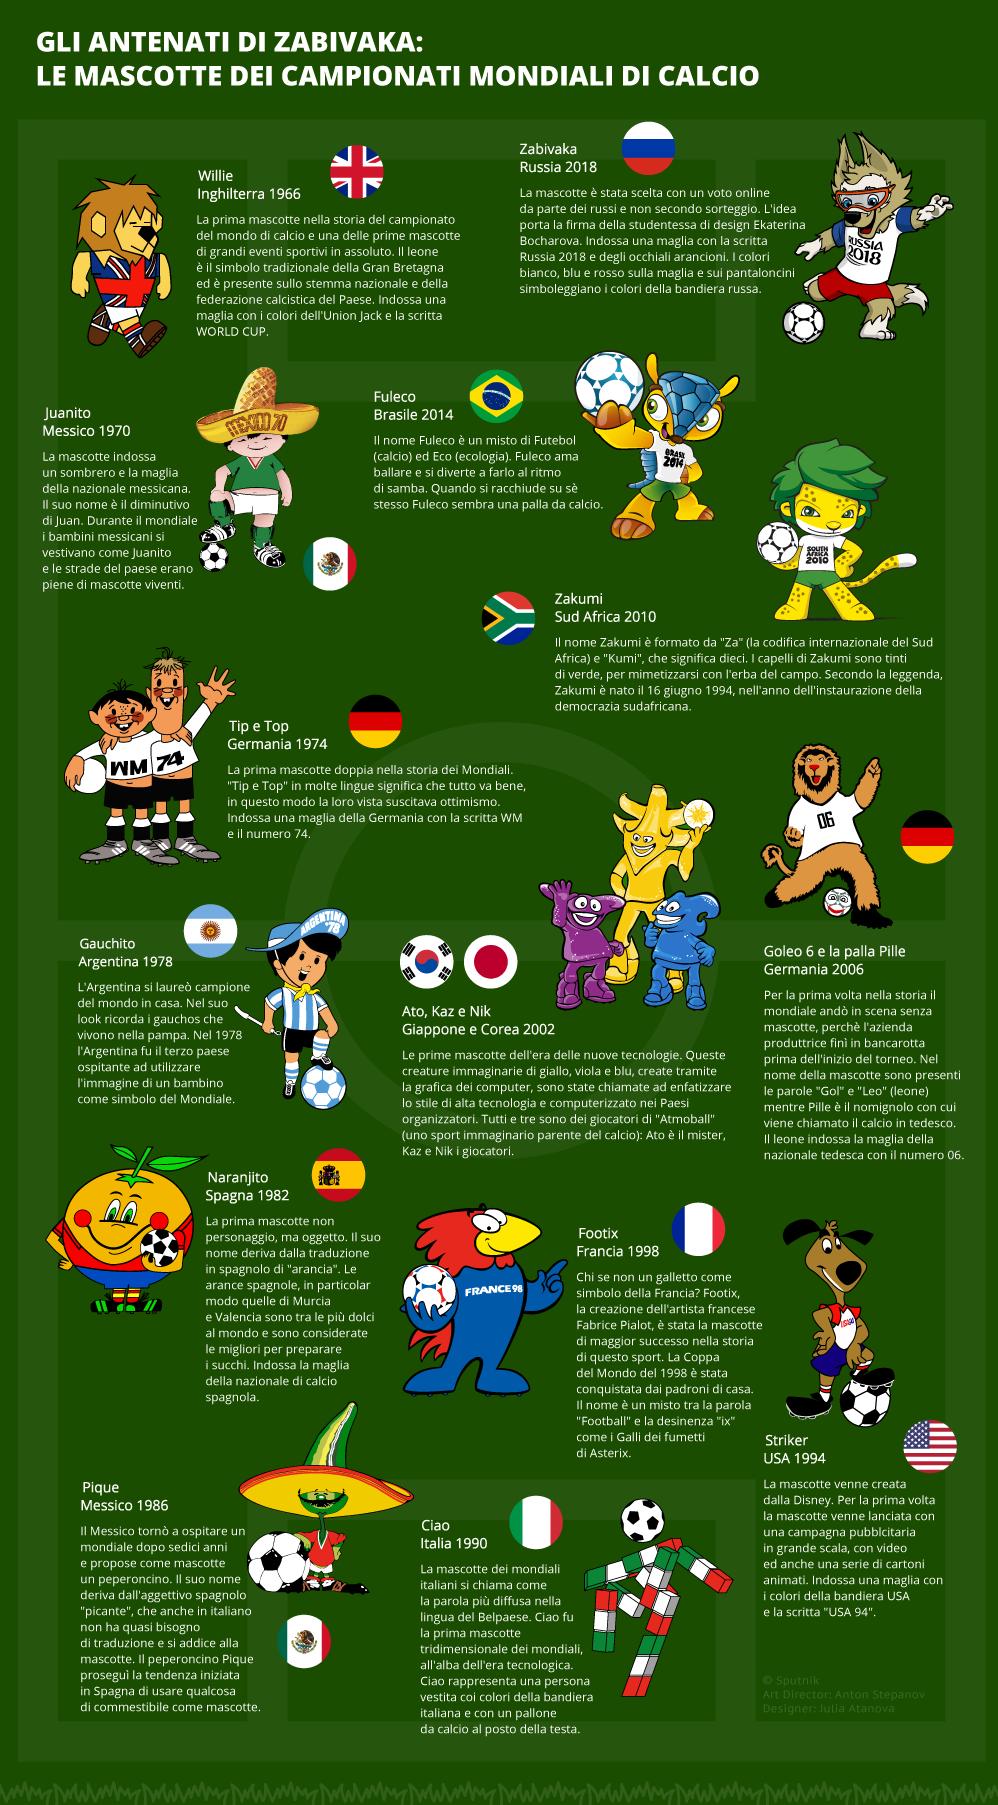 Le mascotte dei Mondiali di calcio